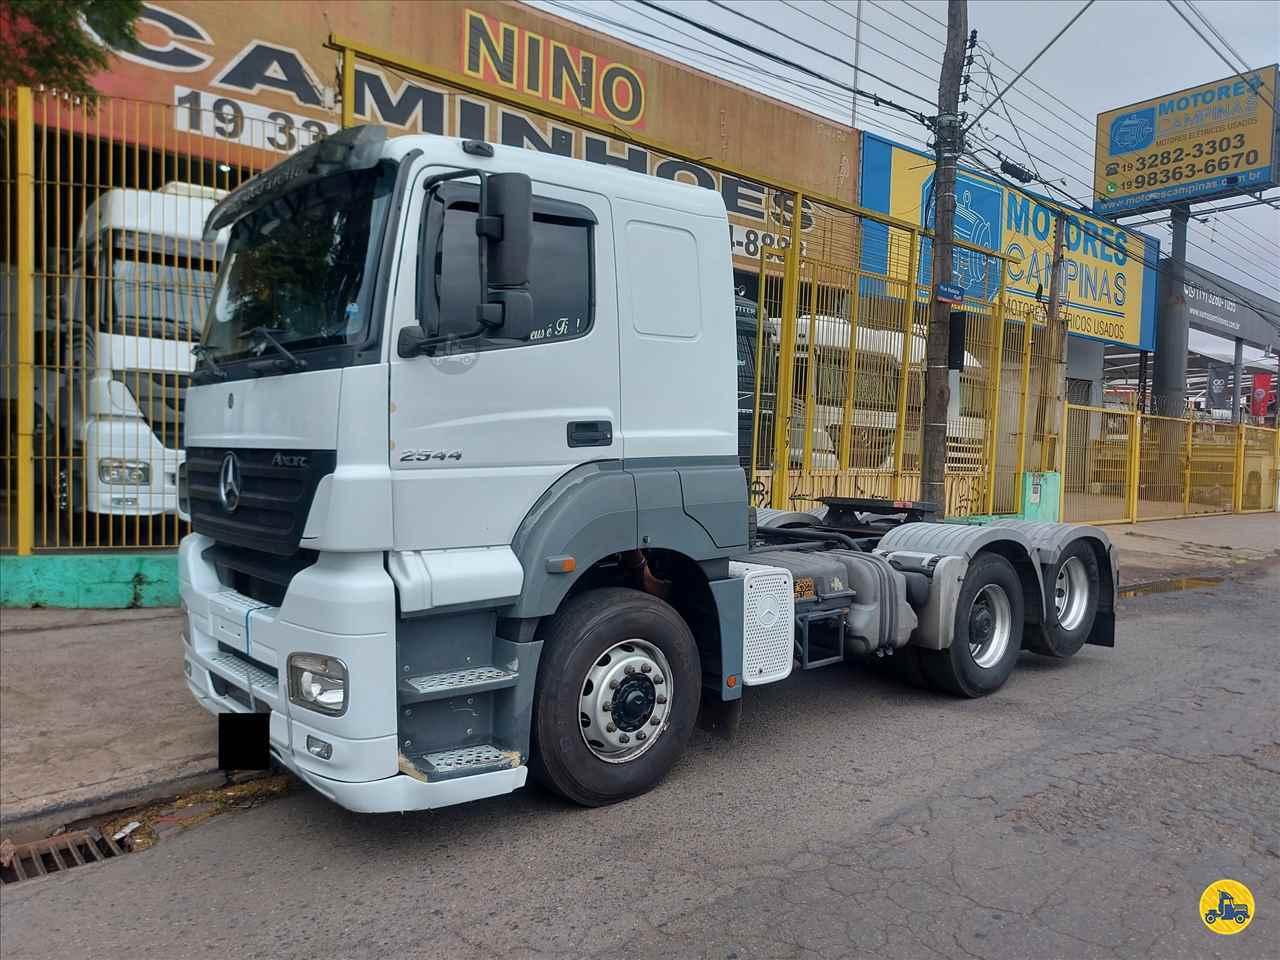 CAMINHAO MERCEDES-BENZ MB 2544 Cavalo Mecânico Truck 6x2 Nino Caminhões CAMPINAS SÃO PAULO SP